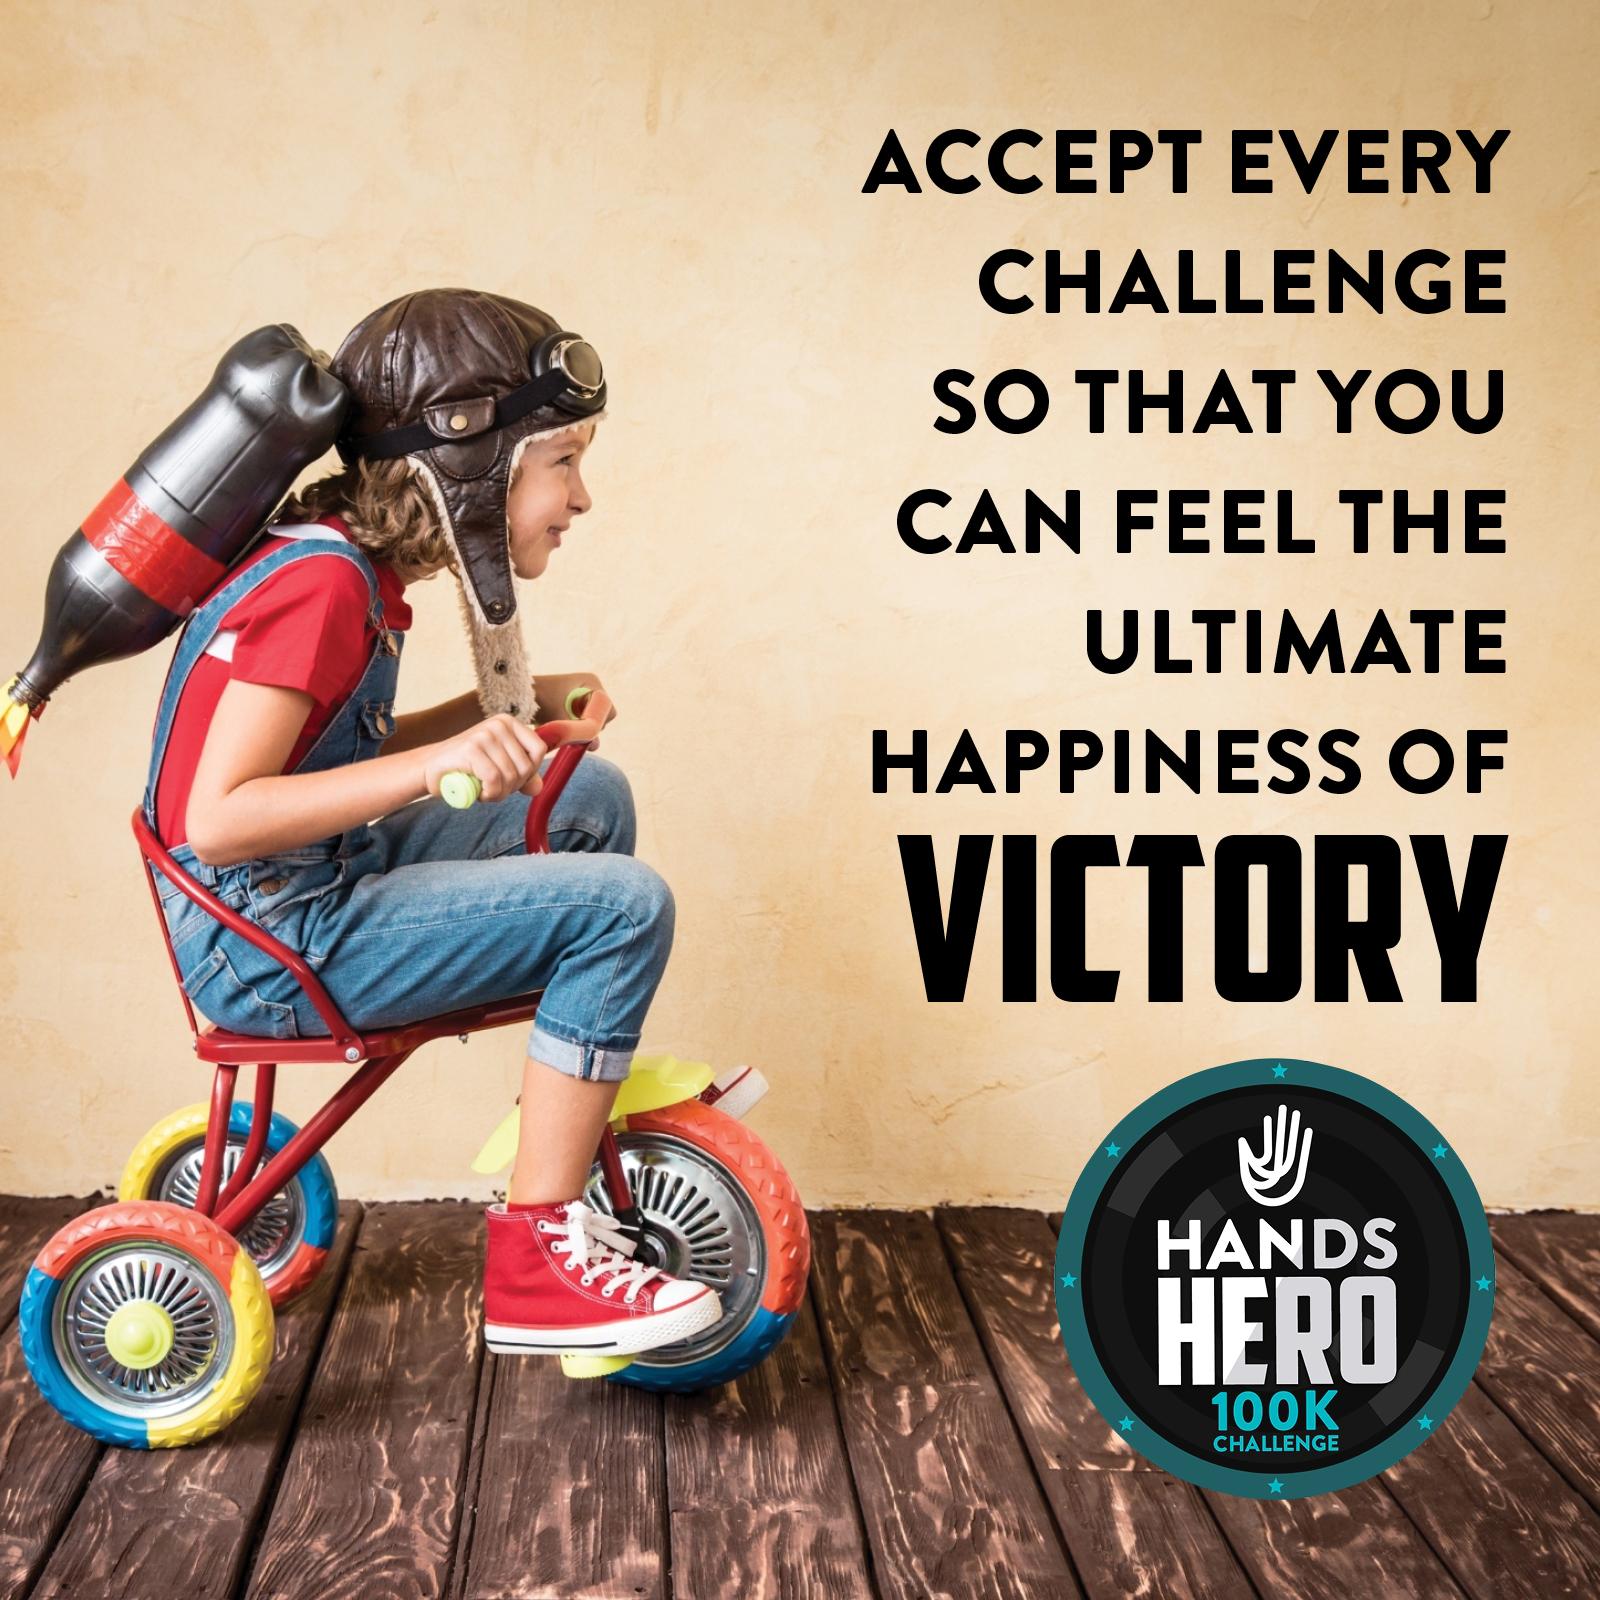 Social Tiles - Hands Hero 100k Challenge9